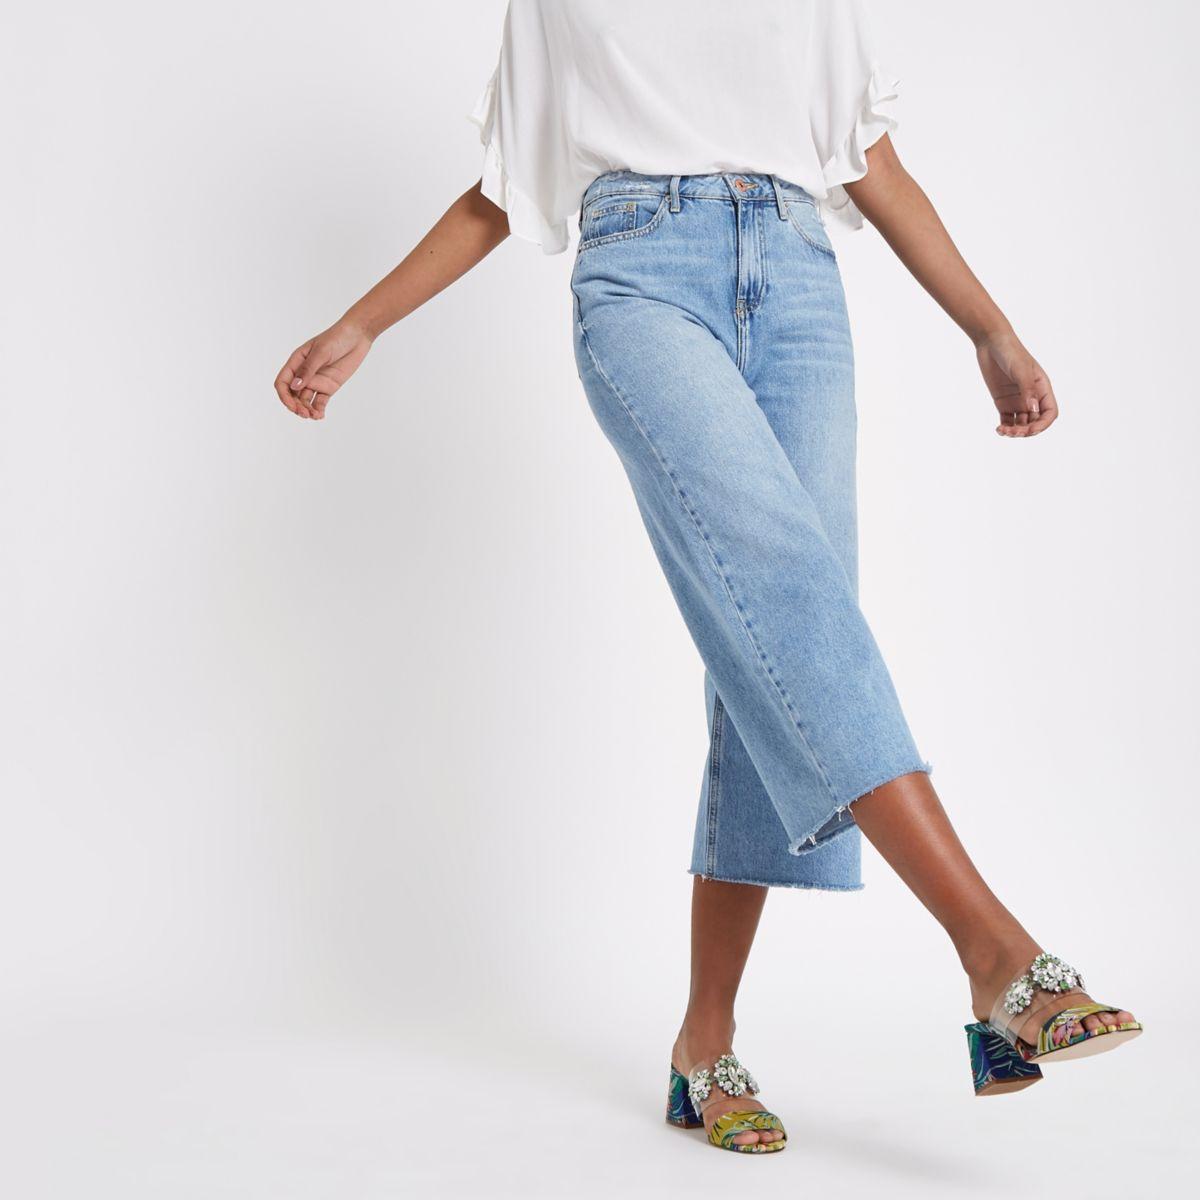 Alexa - Middenblauwe cropped jeans met wijde pijpen